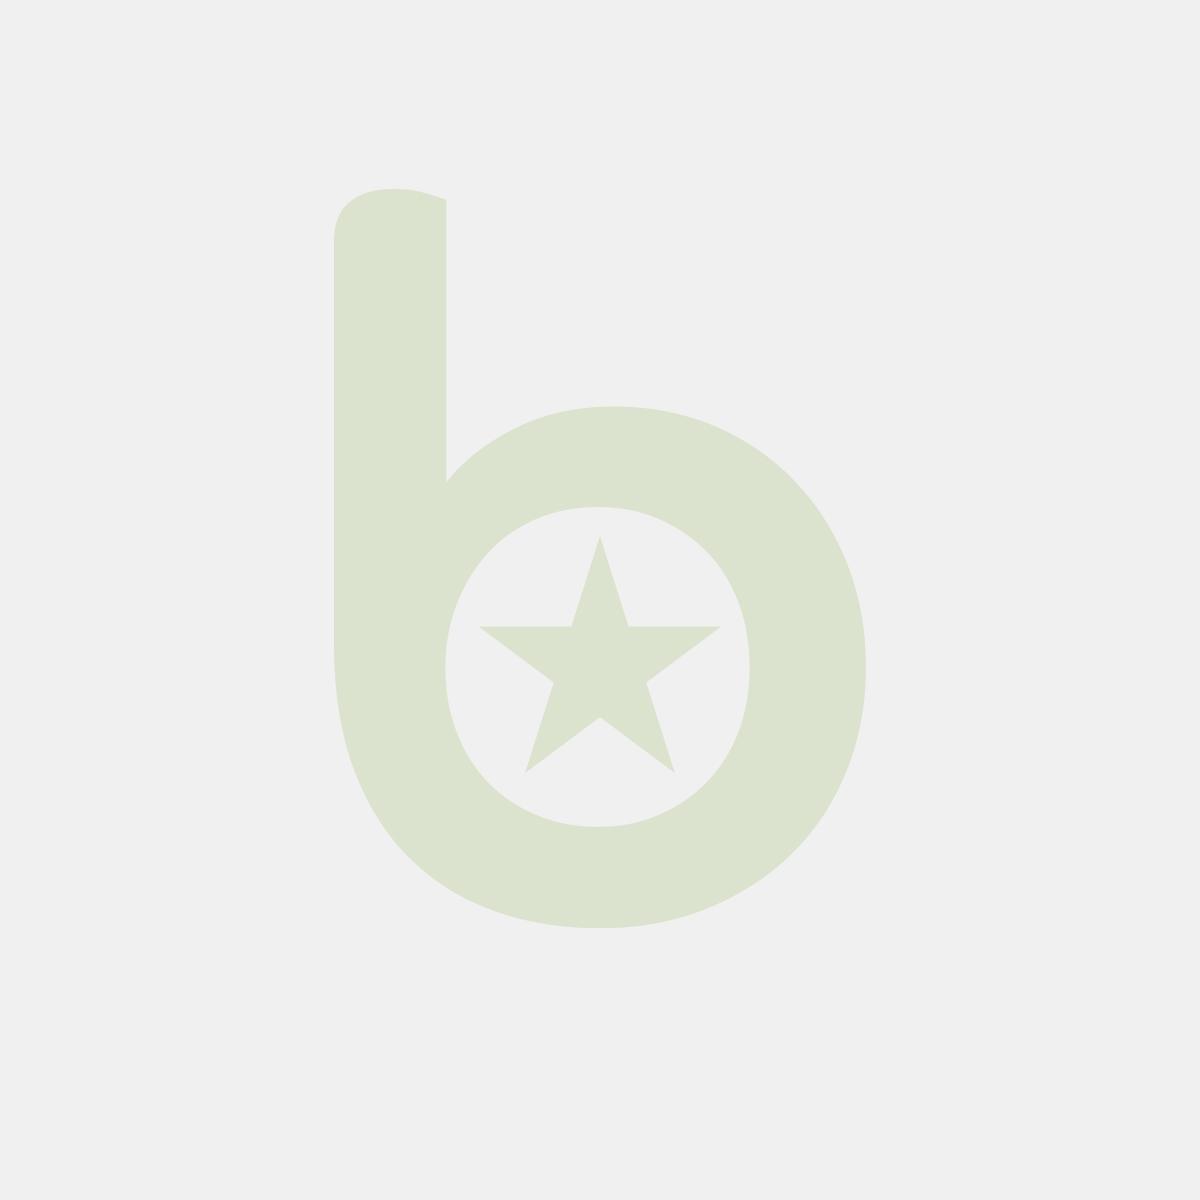 Pojemnik prostokątny do zgrzewu K-187/36 600ml, cena za opakowanie 840szt